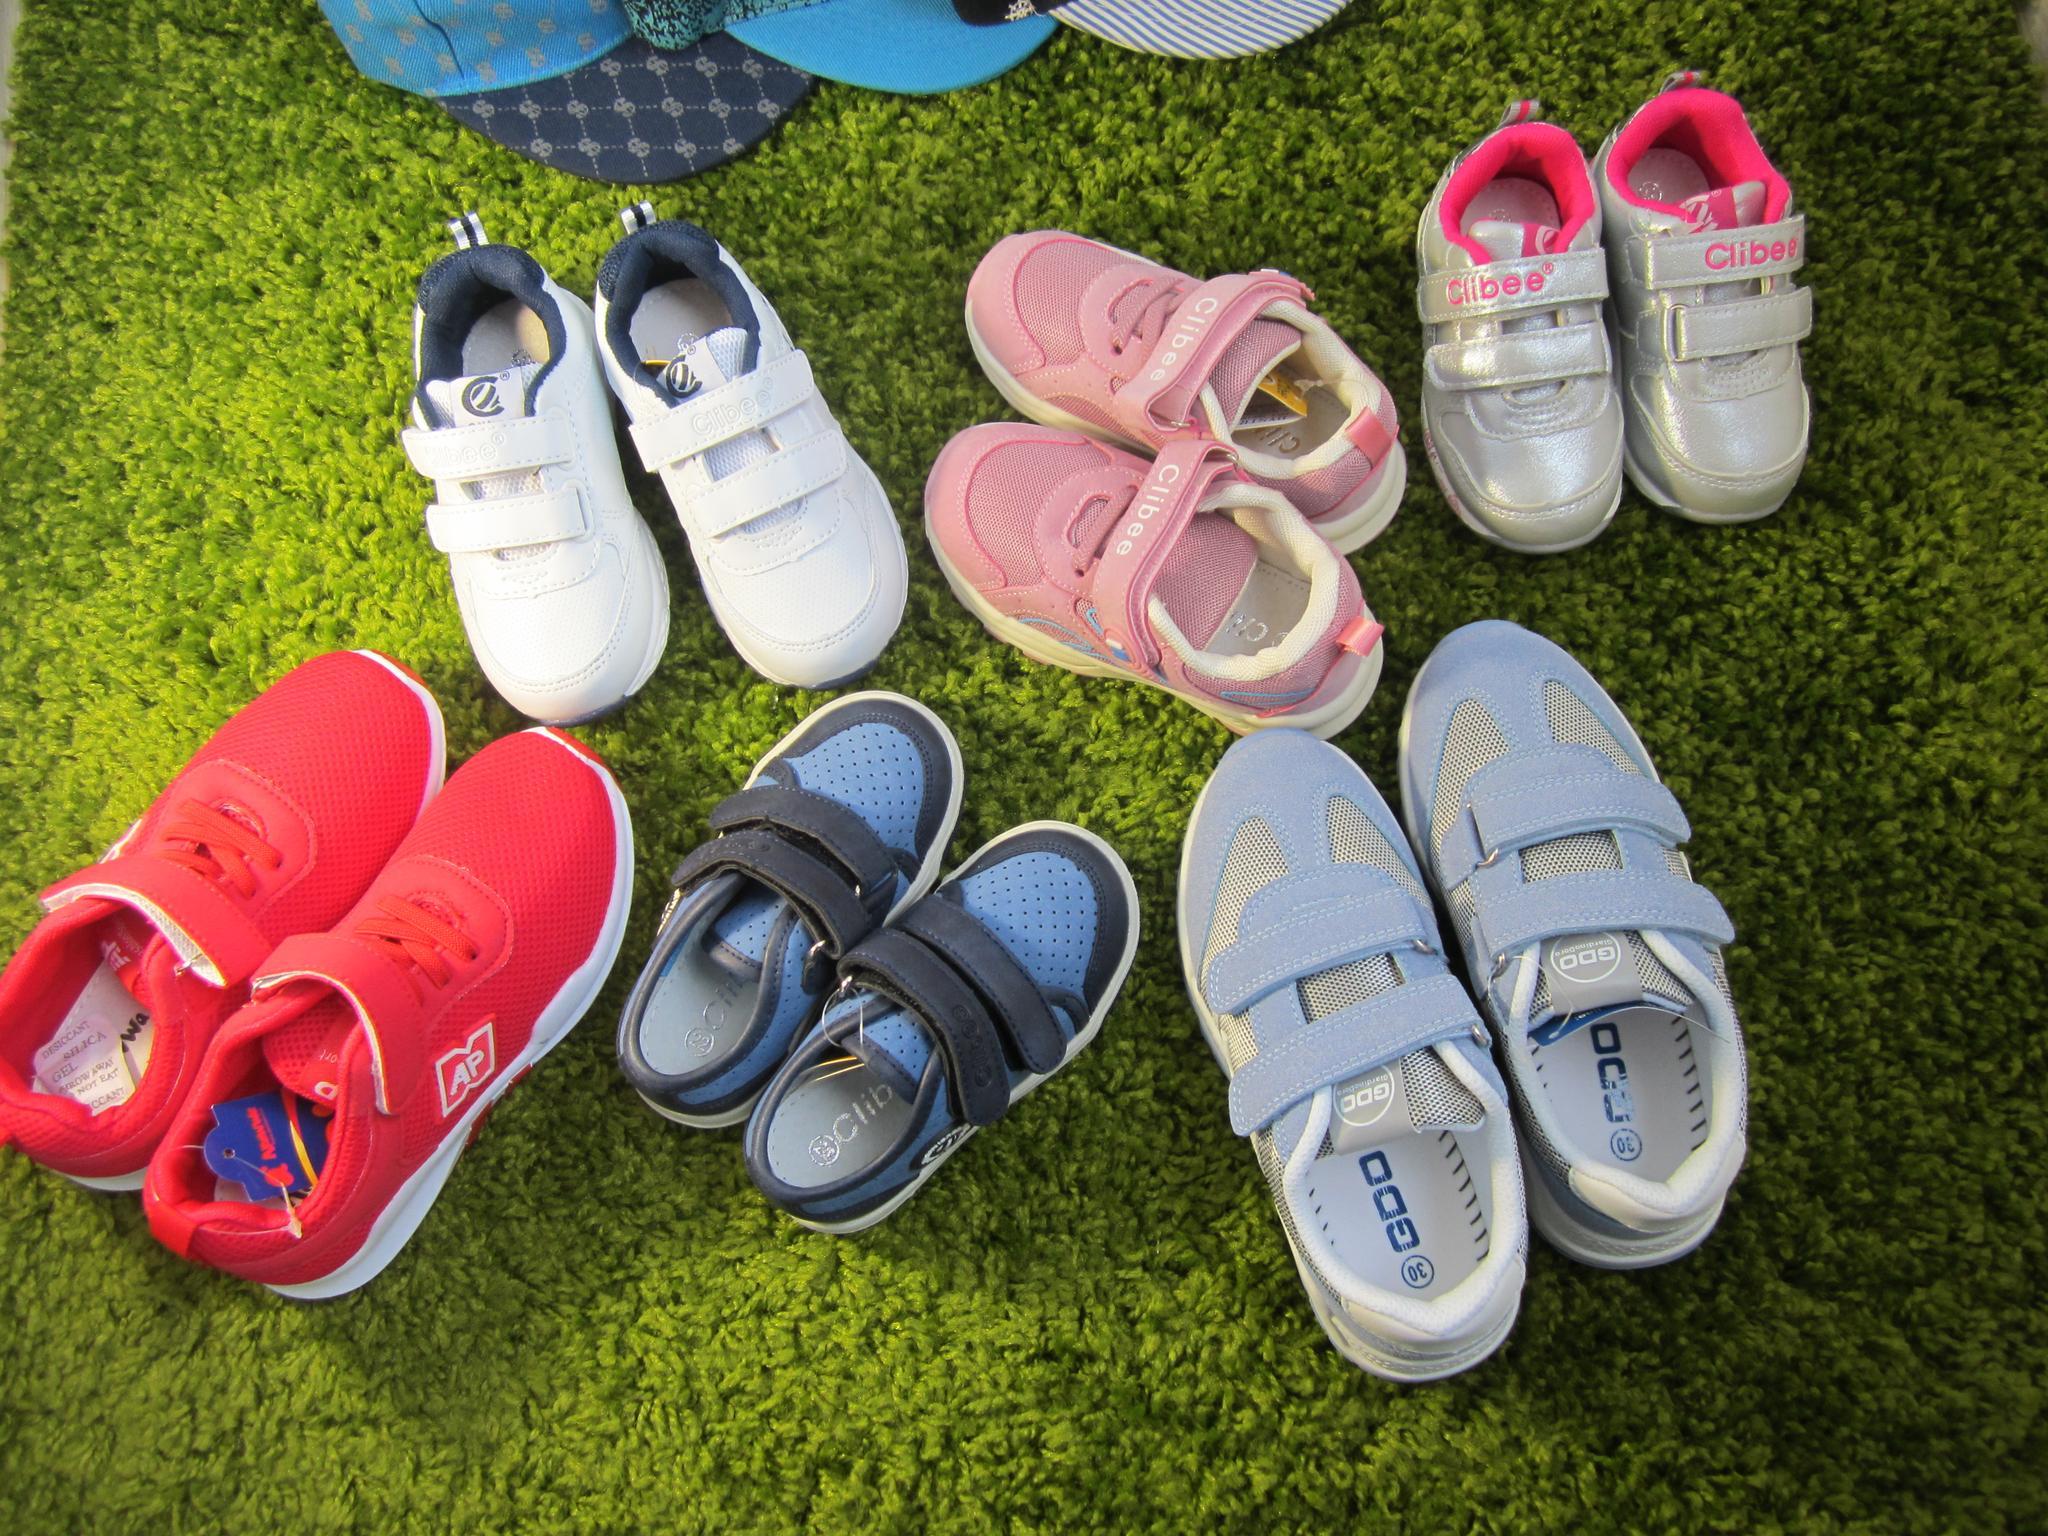 42e14d94 Подростковые детские кроссовки Clibee для мальчика сетка: продажа, цена в  Харьковской области. кроссовки, кеды детские и подростковые от